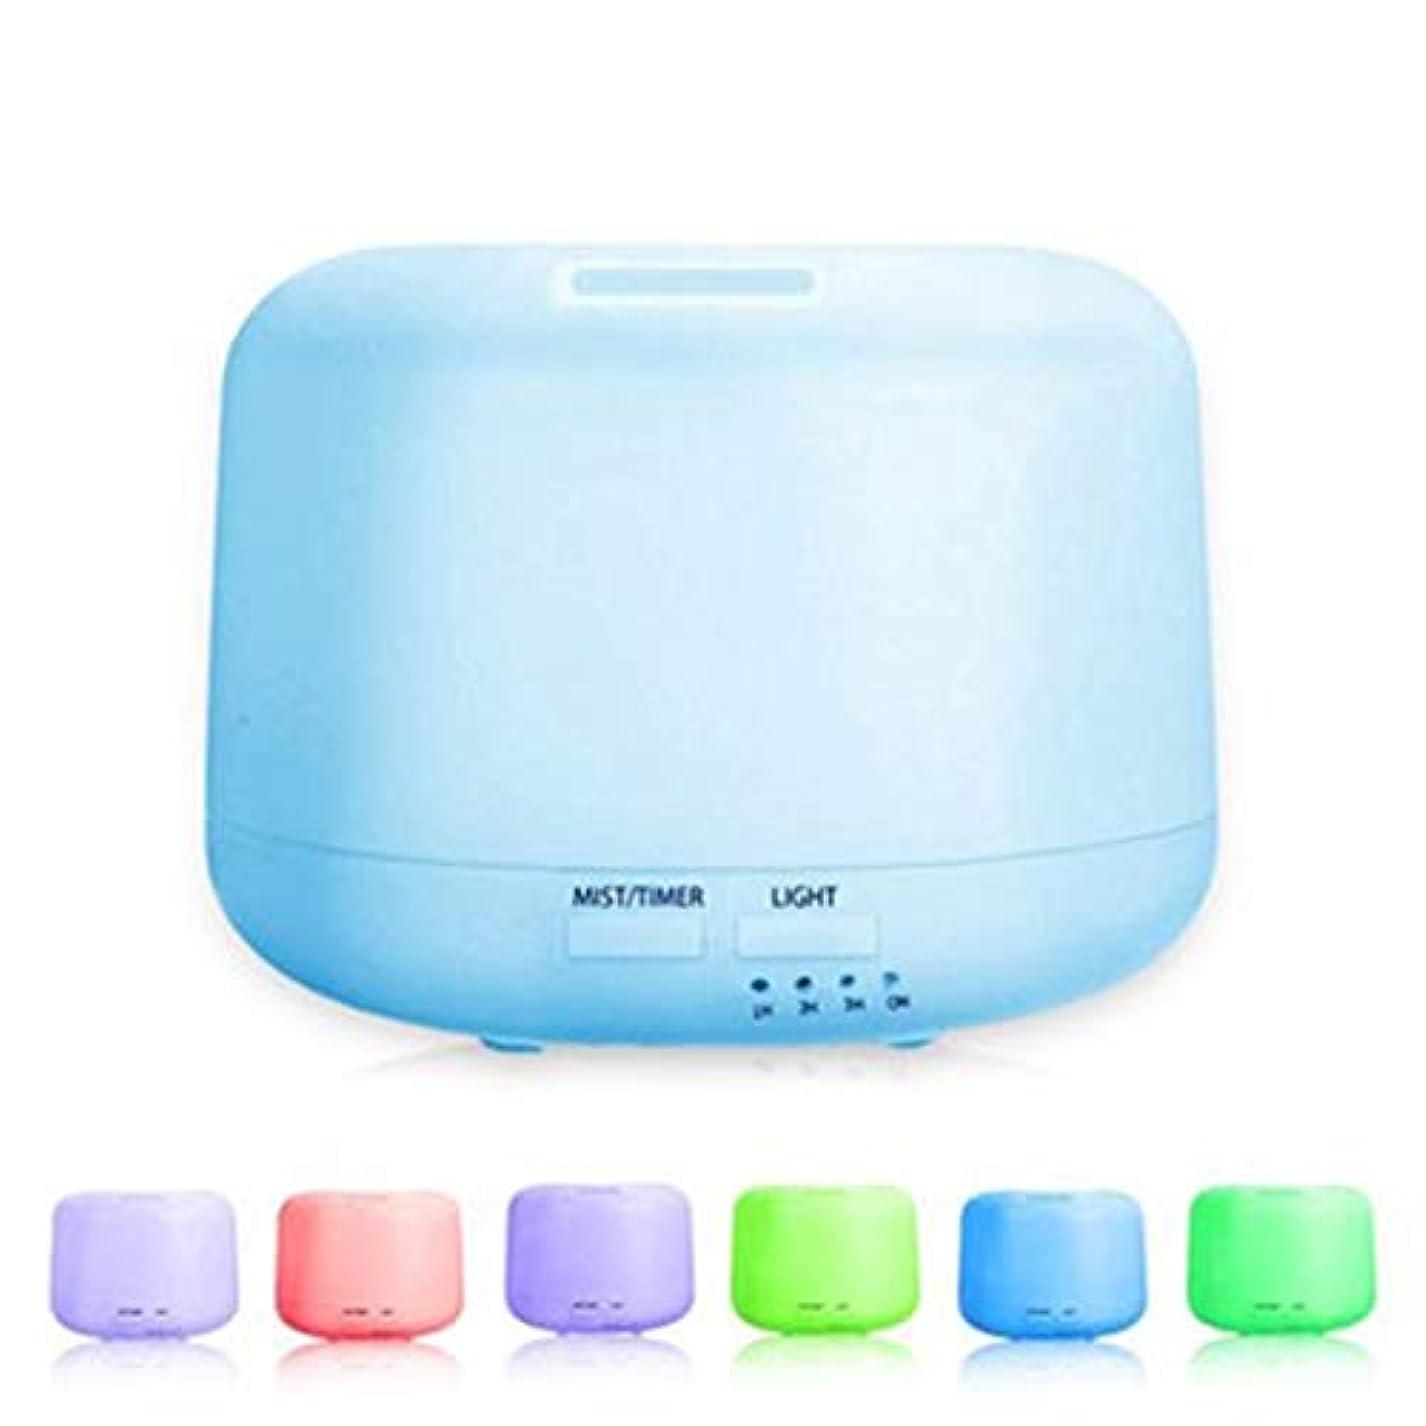 位置づける保険をかける厳密に300ml拡散器の涼しい霧の加湿器の4つのタイマーおよび7つのLED色の変更ライトが付いている水なしの自動遮断 (Color : Colorful)